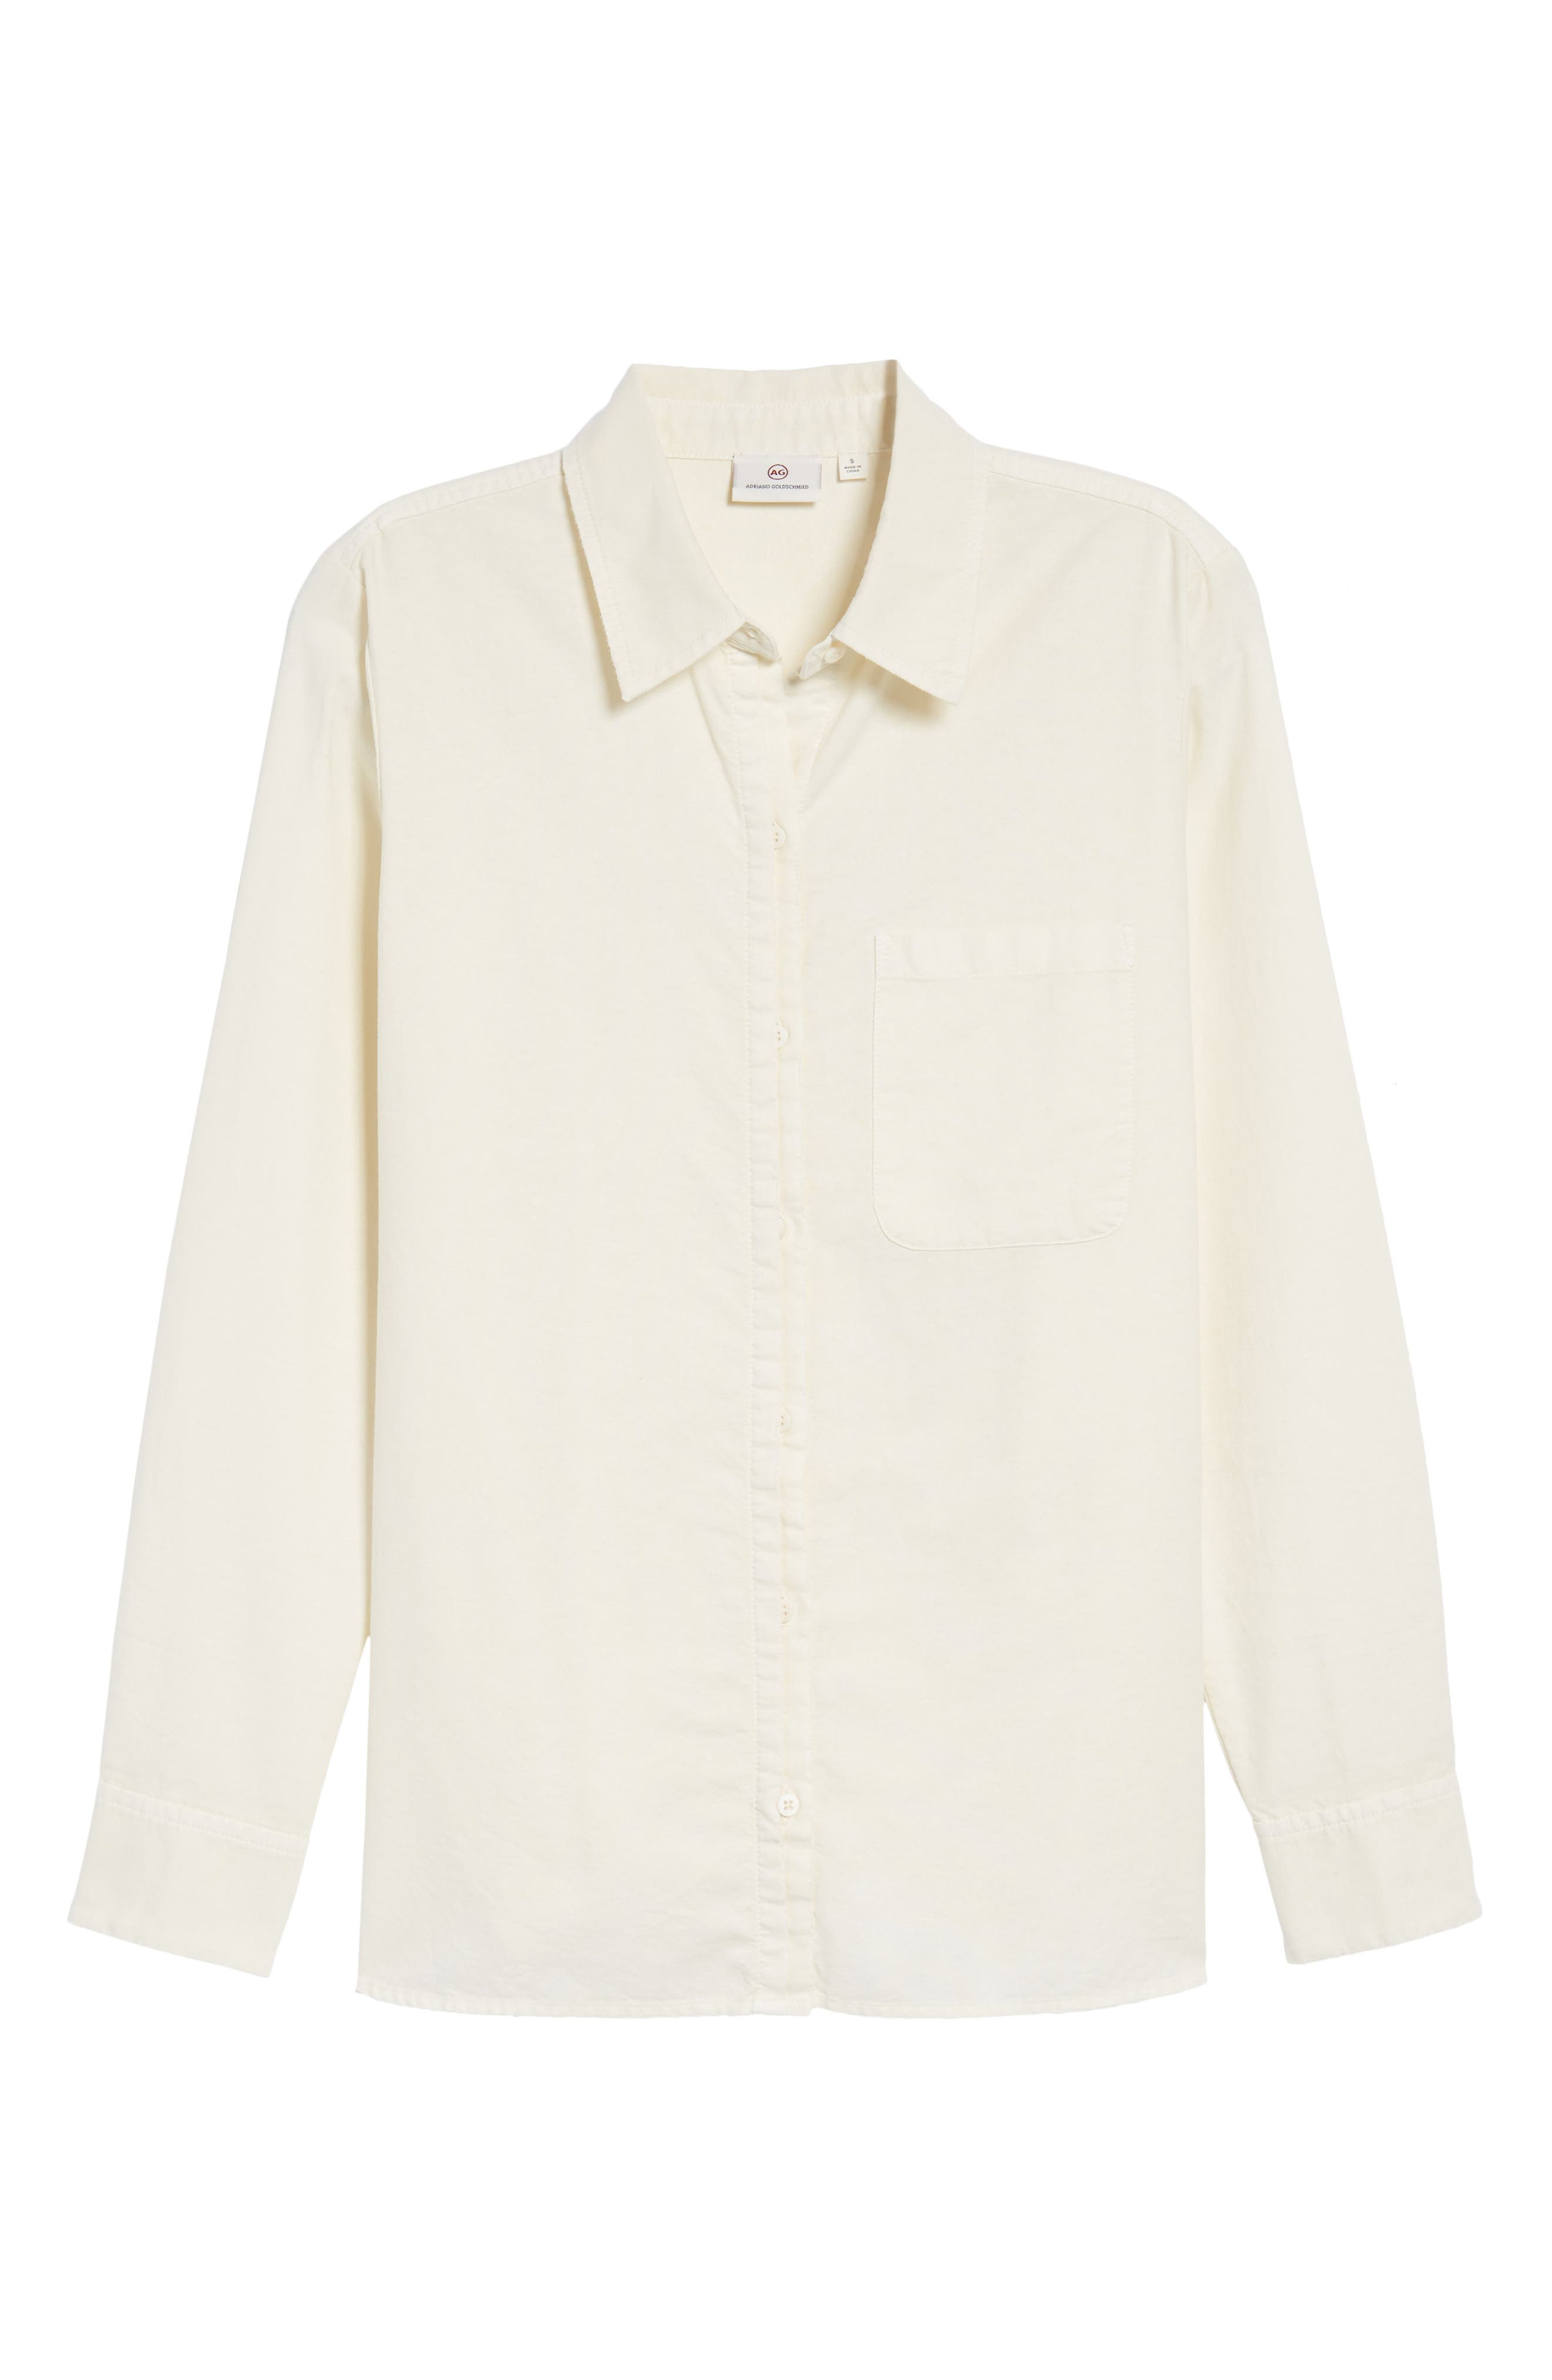 Shana Woven Shirt,                             Alternate thumbnail 6, color,                             Sunbaked Misty Morning